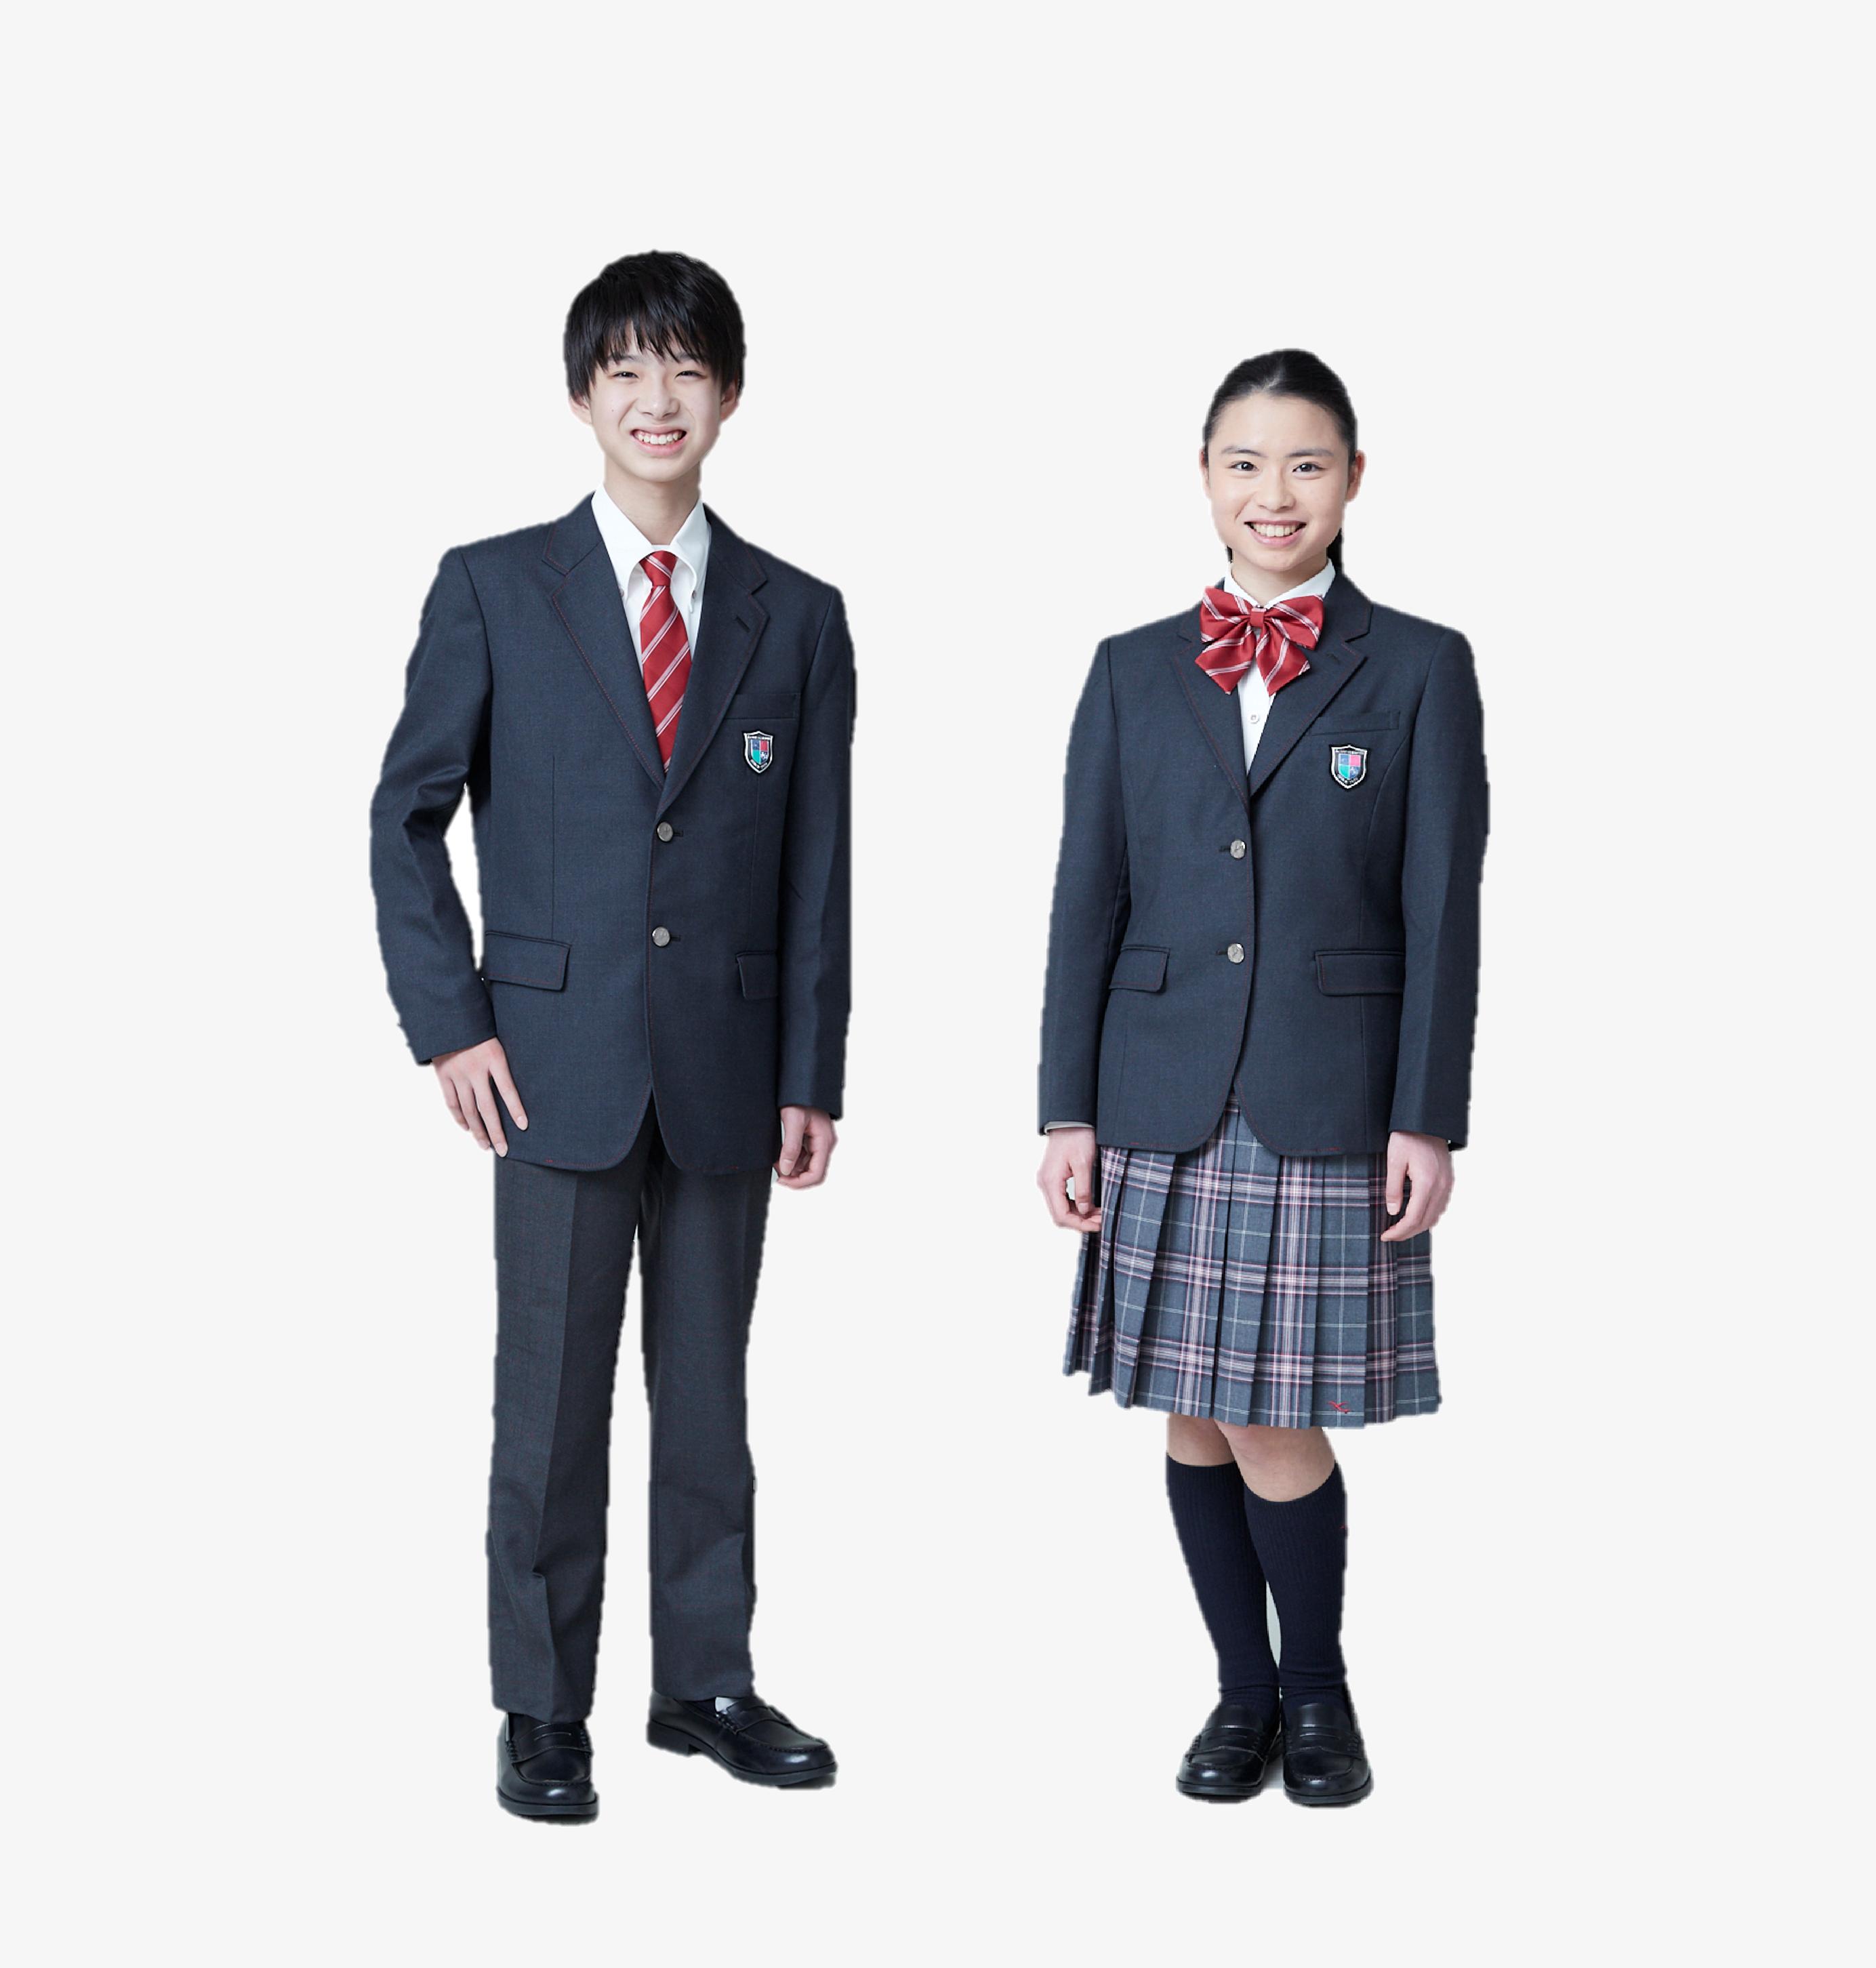 神戸学院大学附属中学校制服